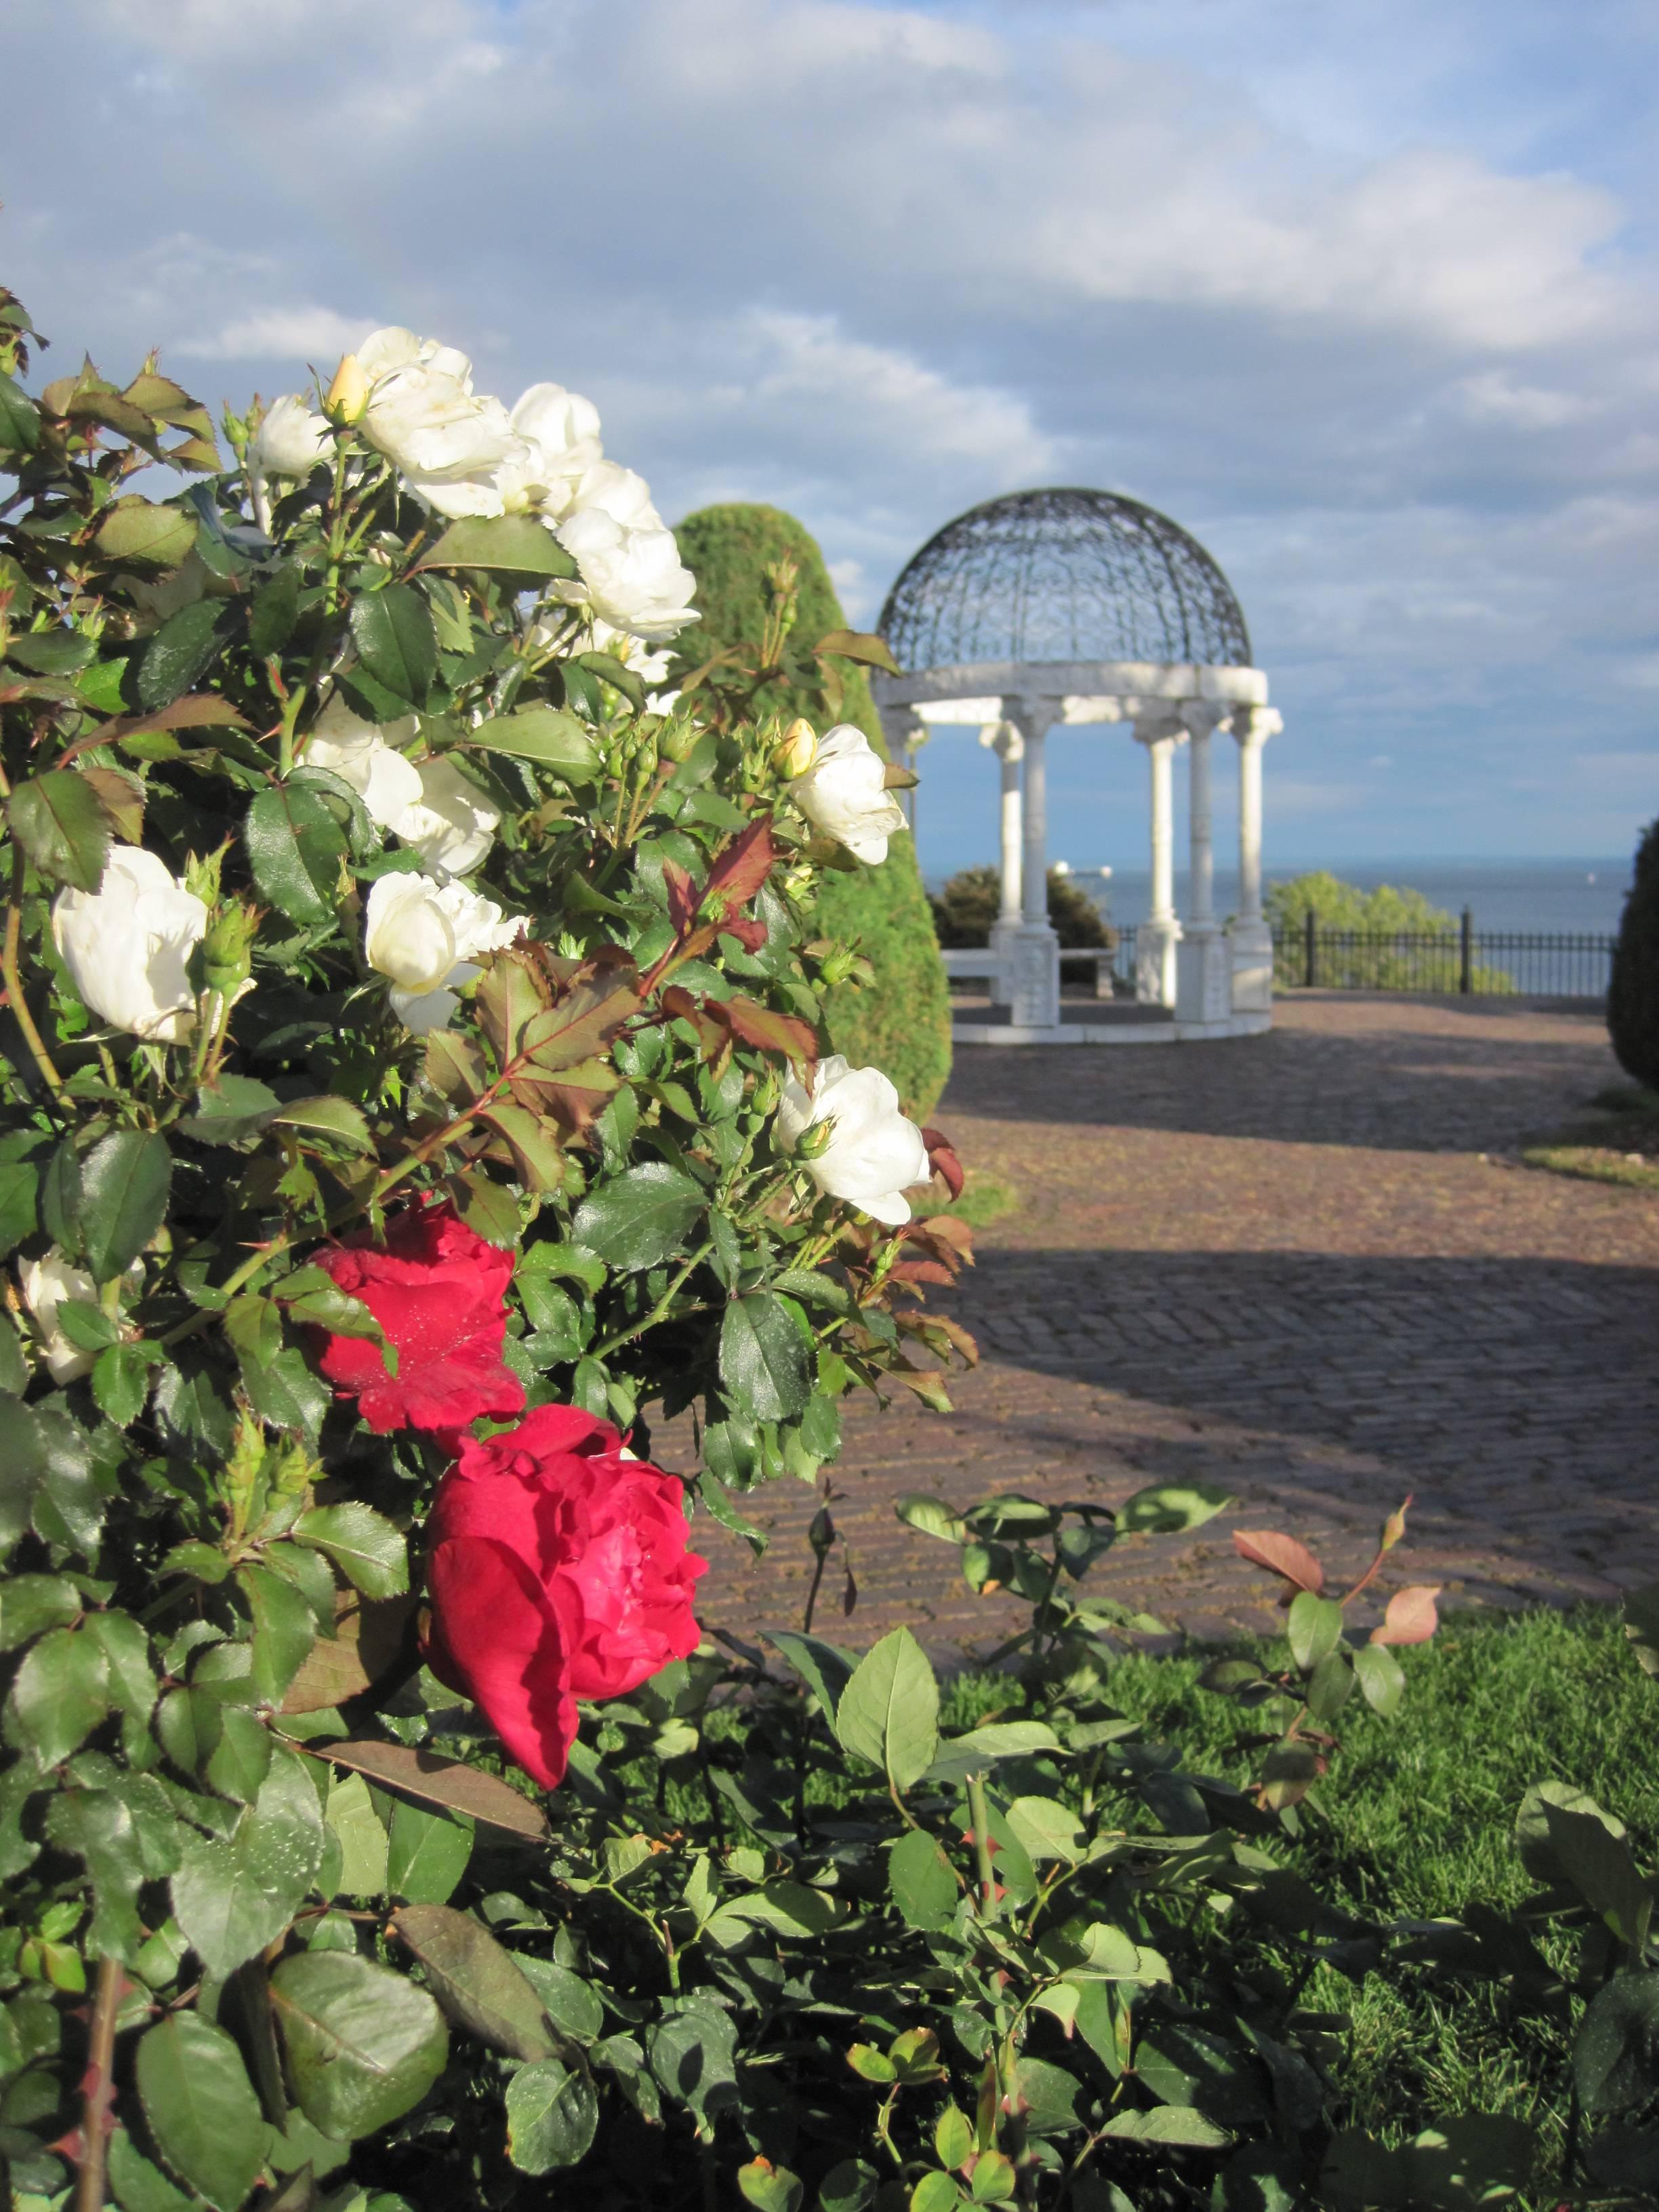 Leif Erikson Rose Garden with Gazebo